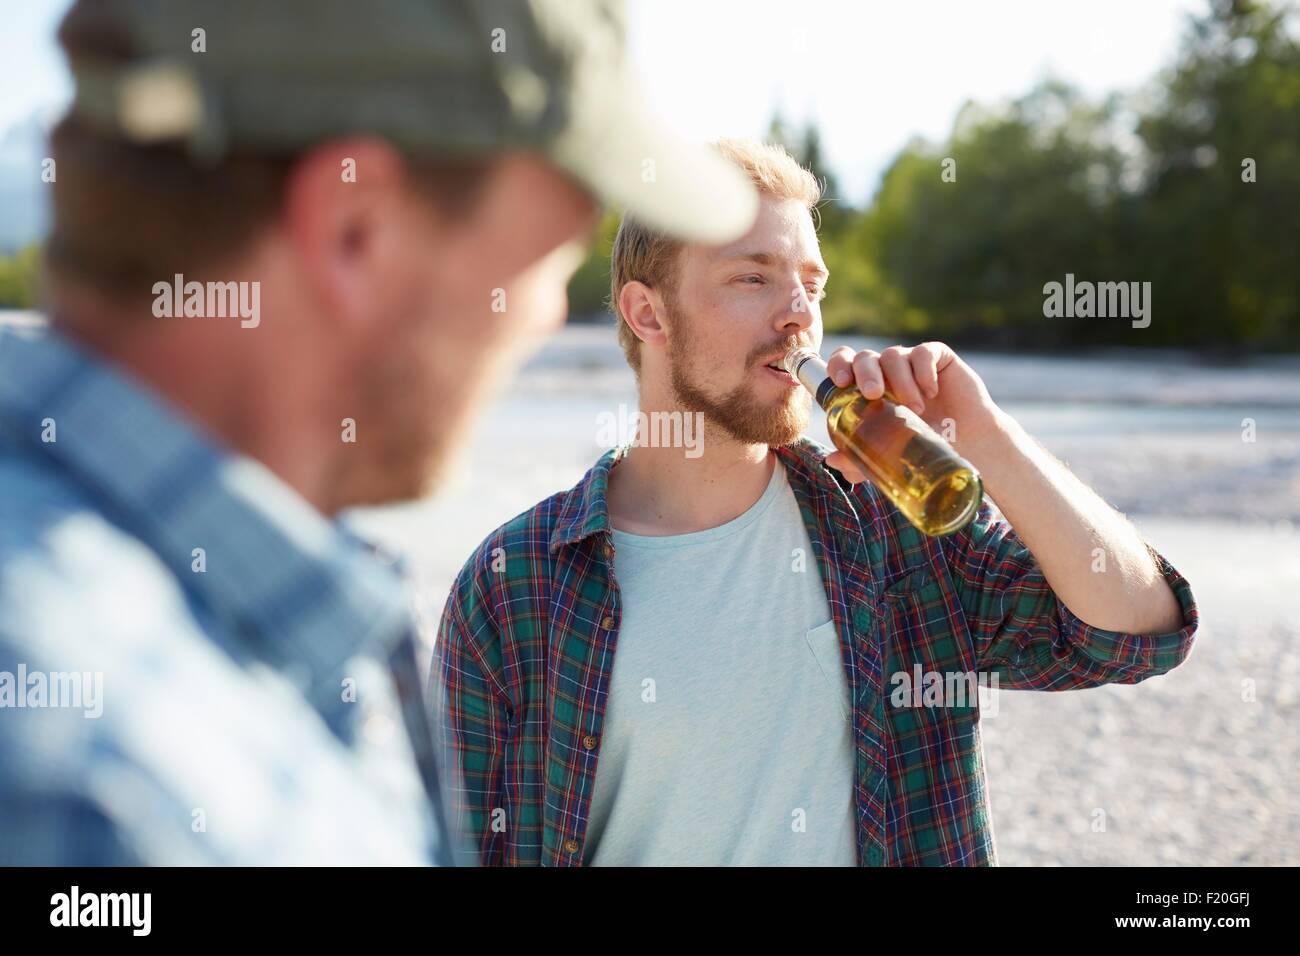 Giovane uomo prendendo una bevanda a partire da una bottiglia di birra, guardando lontano Immagini Stock